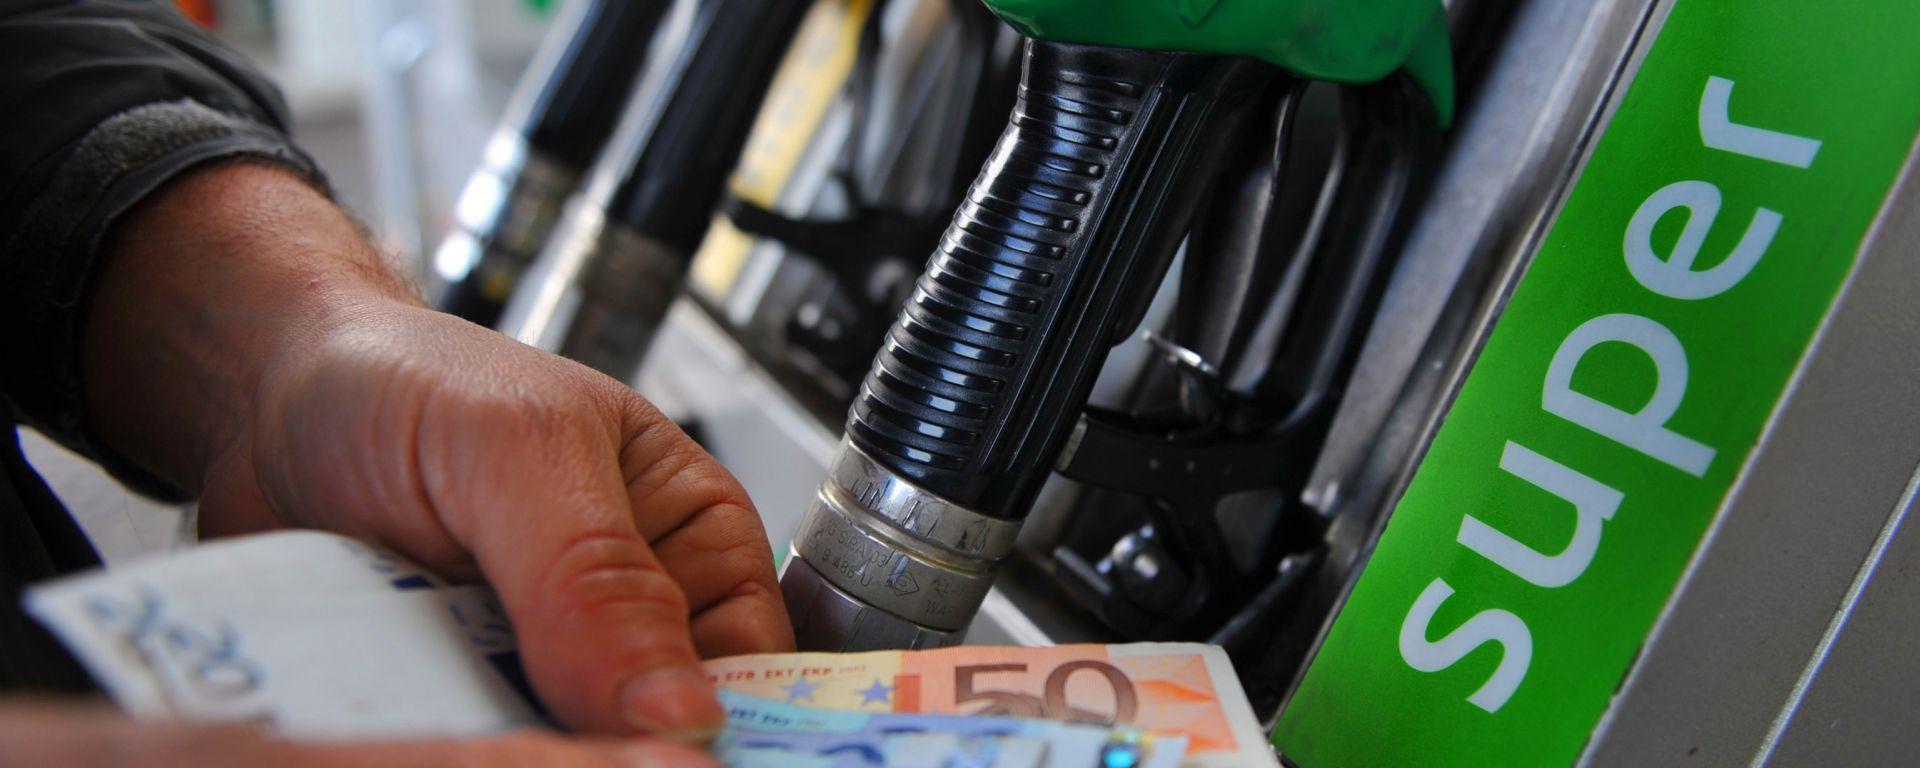 Risparmiare sul rifornimento di benzina e diesel? Ecco come fare